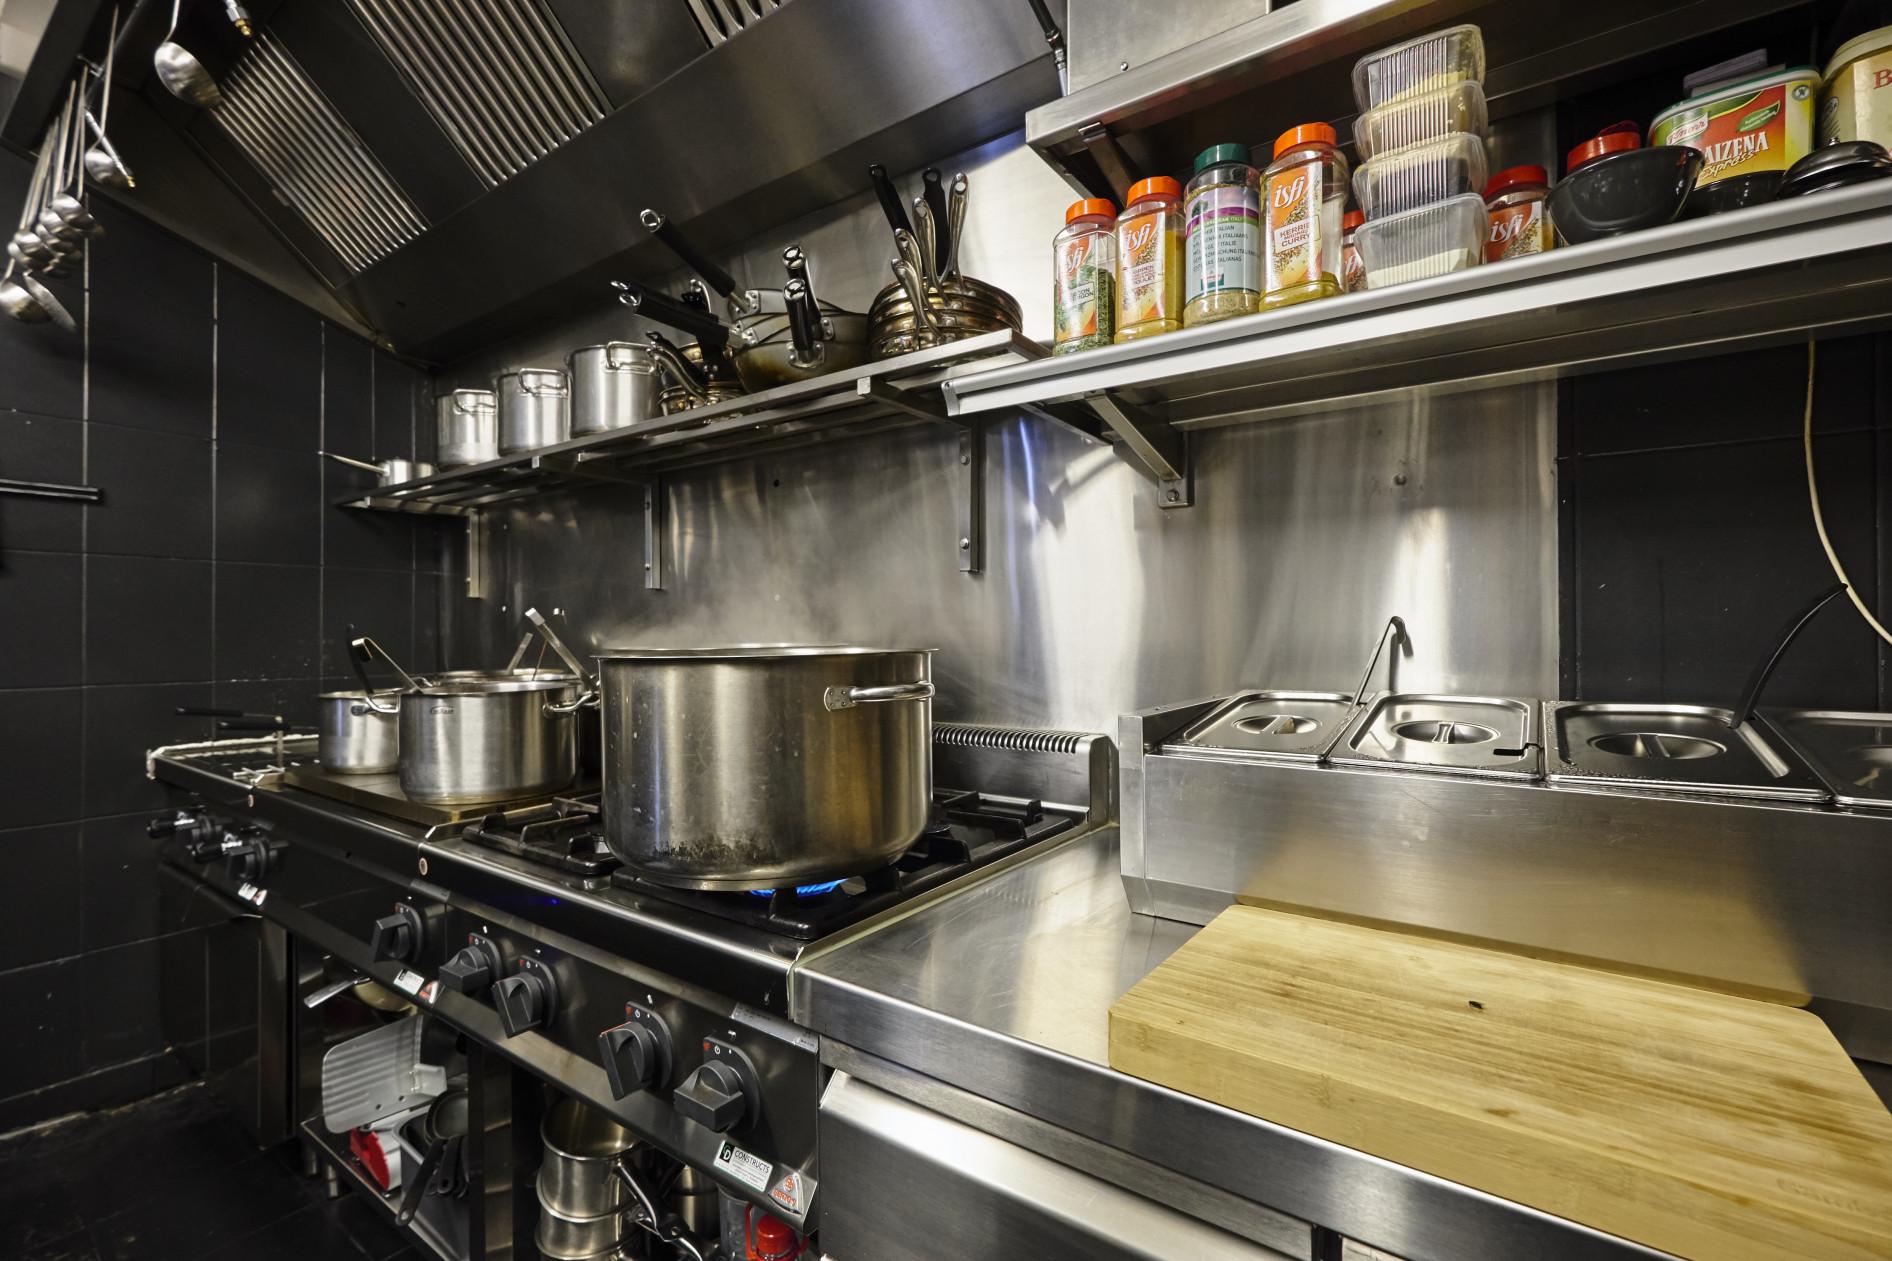 Realisatie Mister Spaghetti Aalst. Feel the Spaghetti Vibe! Een mooi renovatieproject. Allen...